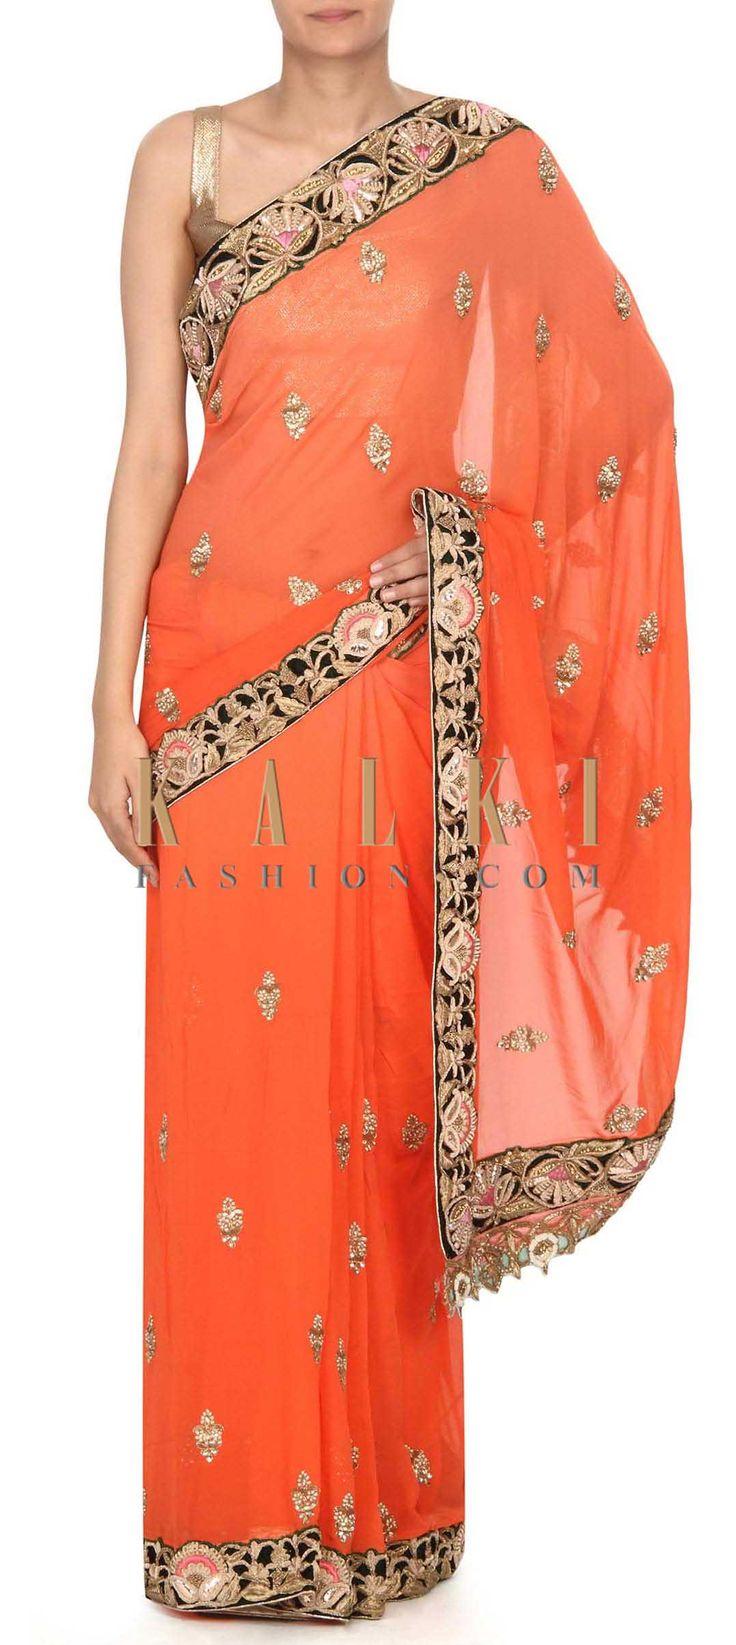 Buy this Peach saree with zardosi embellished border only on Kalki